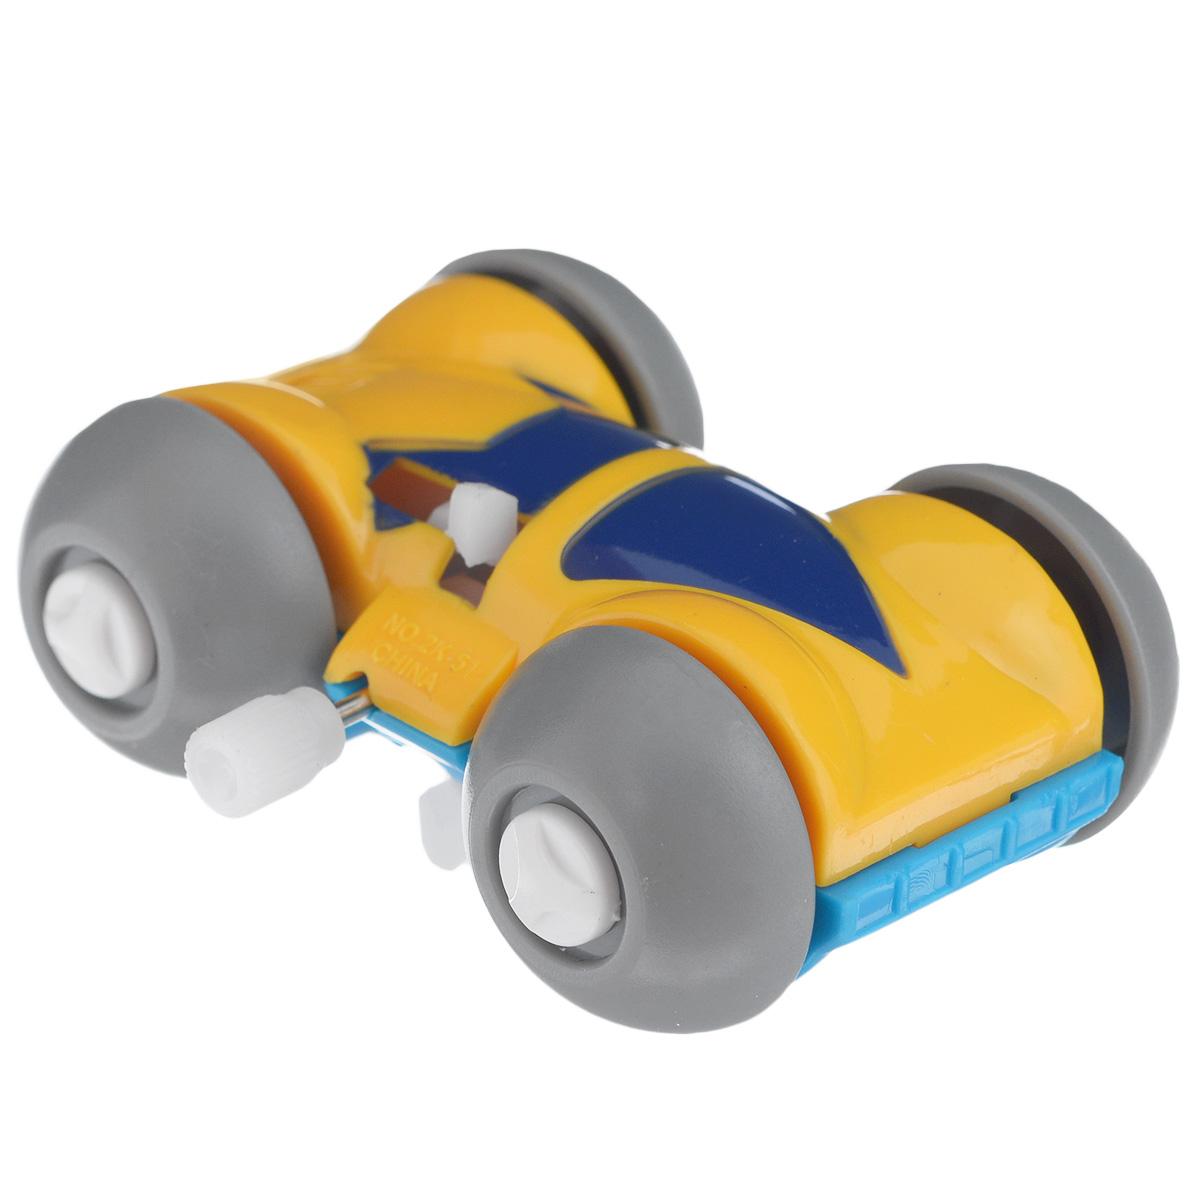 Игрушка заводная Машинка-перевертыш, цвет: голубой, желтый игрушка заводная машинка перевертыш цвет голубой красный